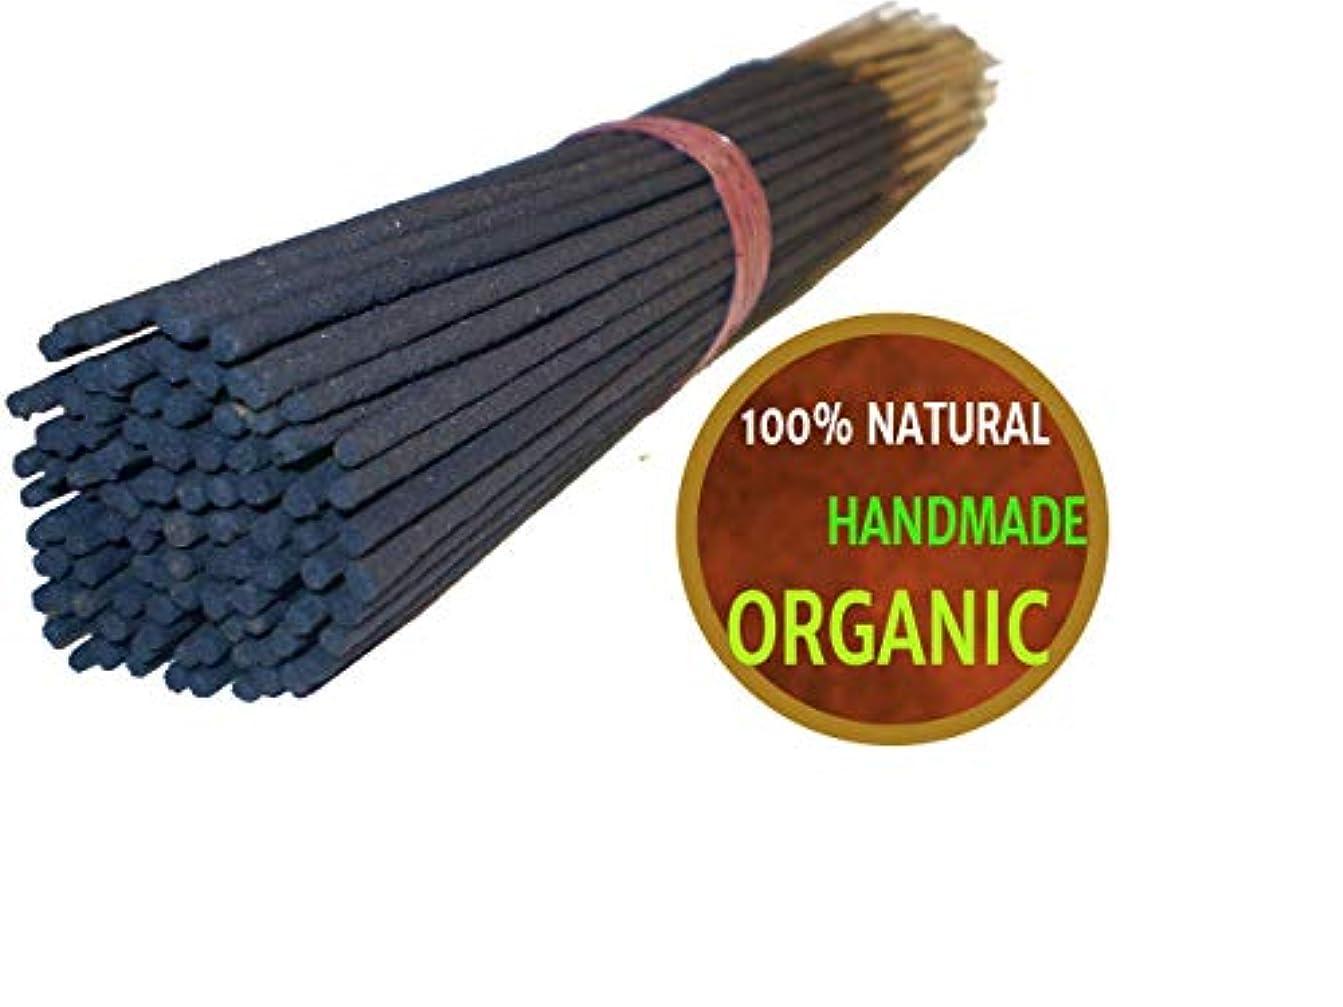 薄暗いばかげている鉱石Yajna Frankincense And Myrrh 100% Natural Incense Sticks Handmade Hand Dipped The Best Woods Scent 100 Pack